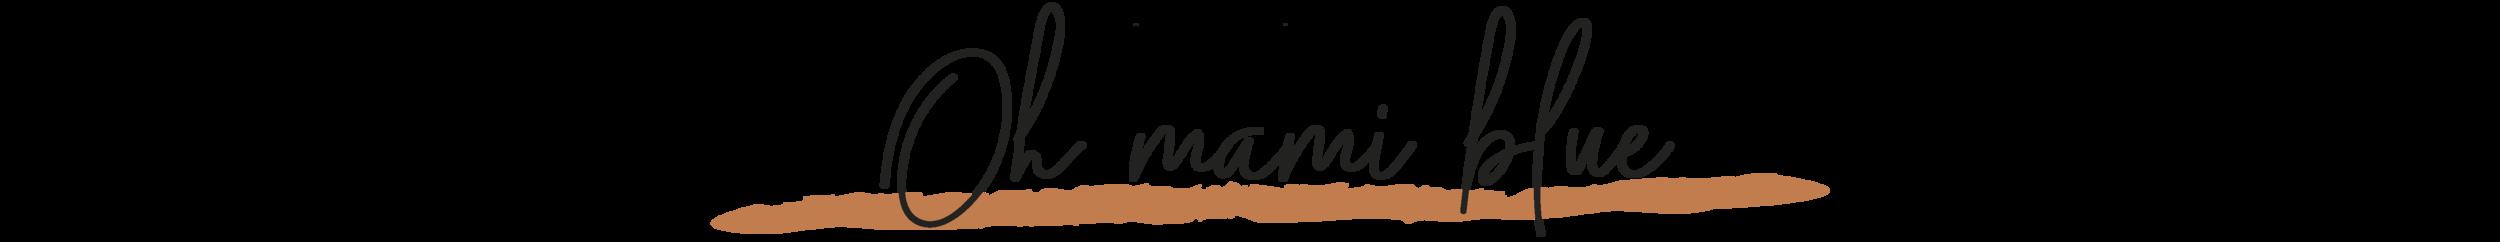 imagenes-web-bloggever-intuasturias-2019-33.png